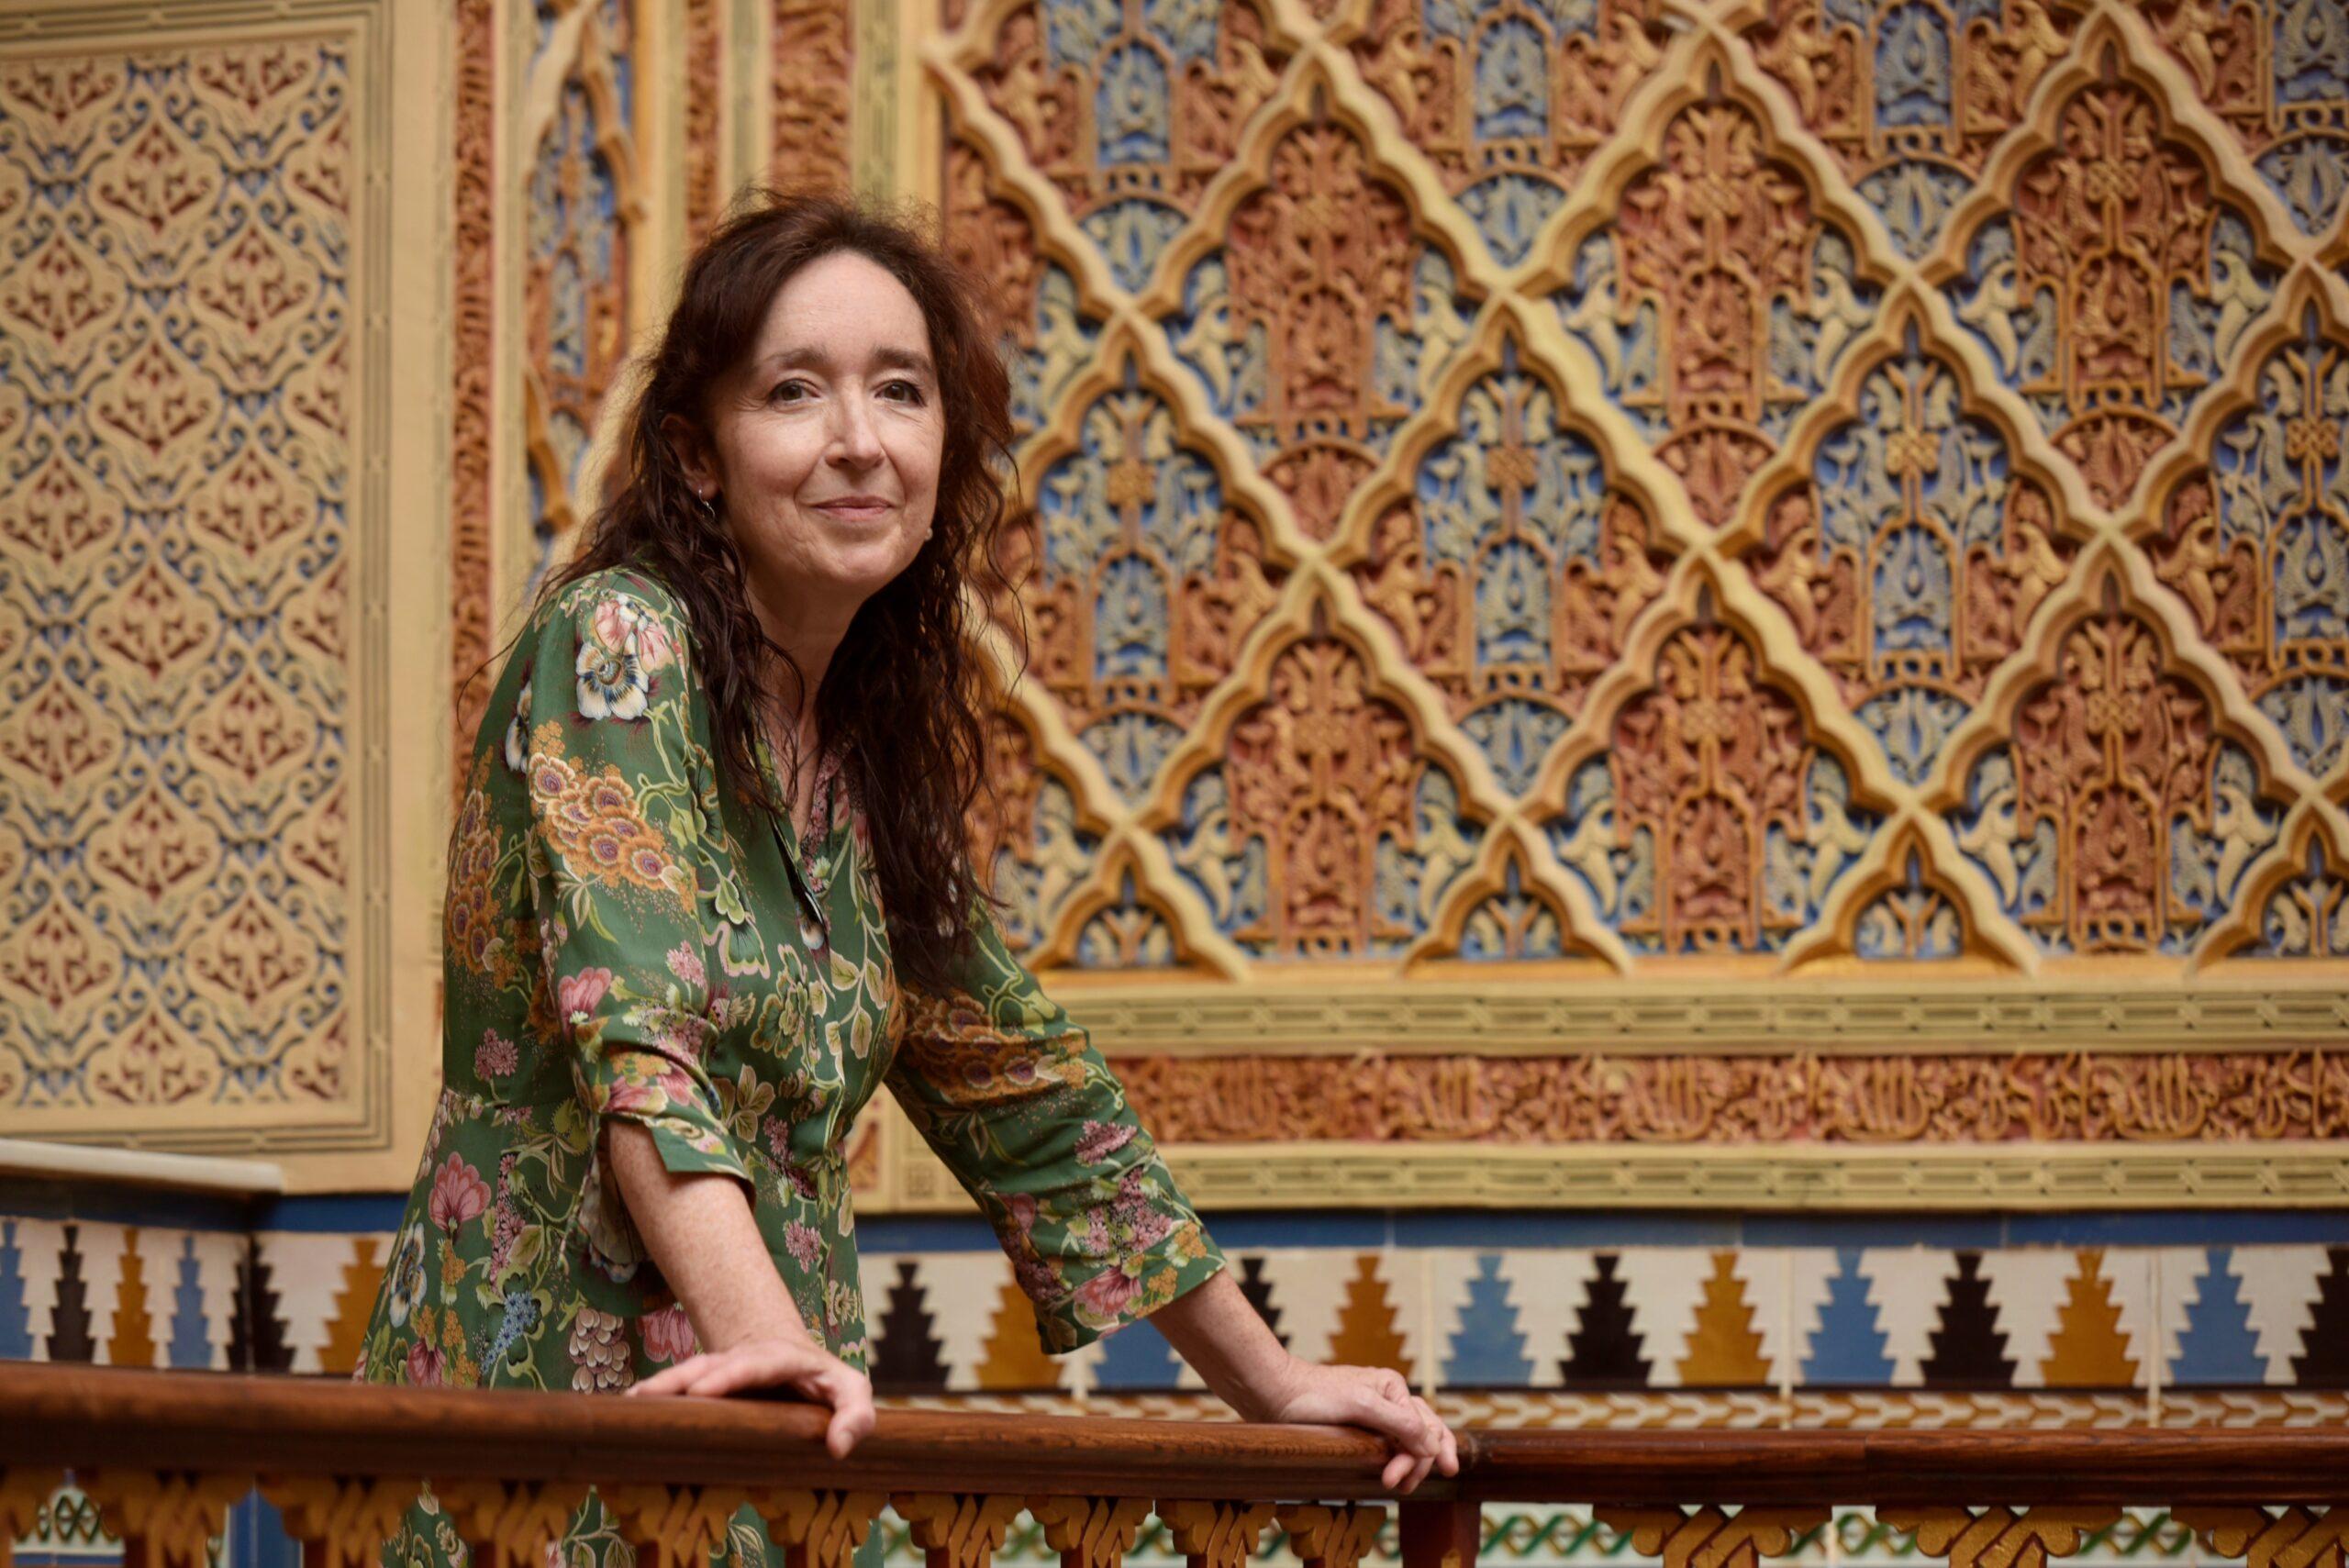 La pianista Pilar Valero cerrará esta noche Numen Nights